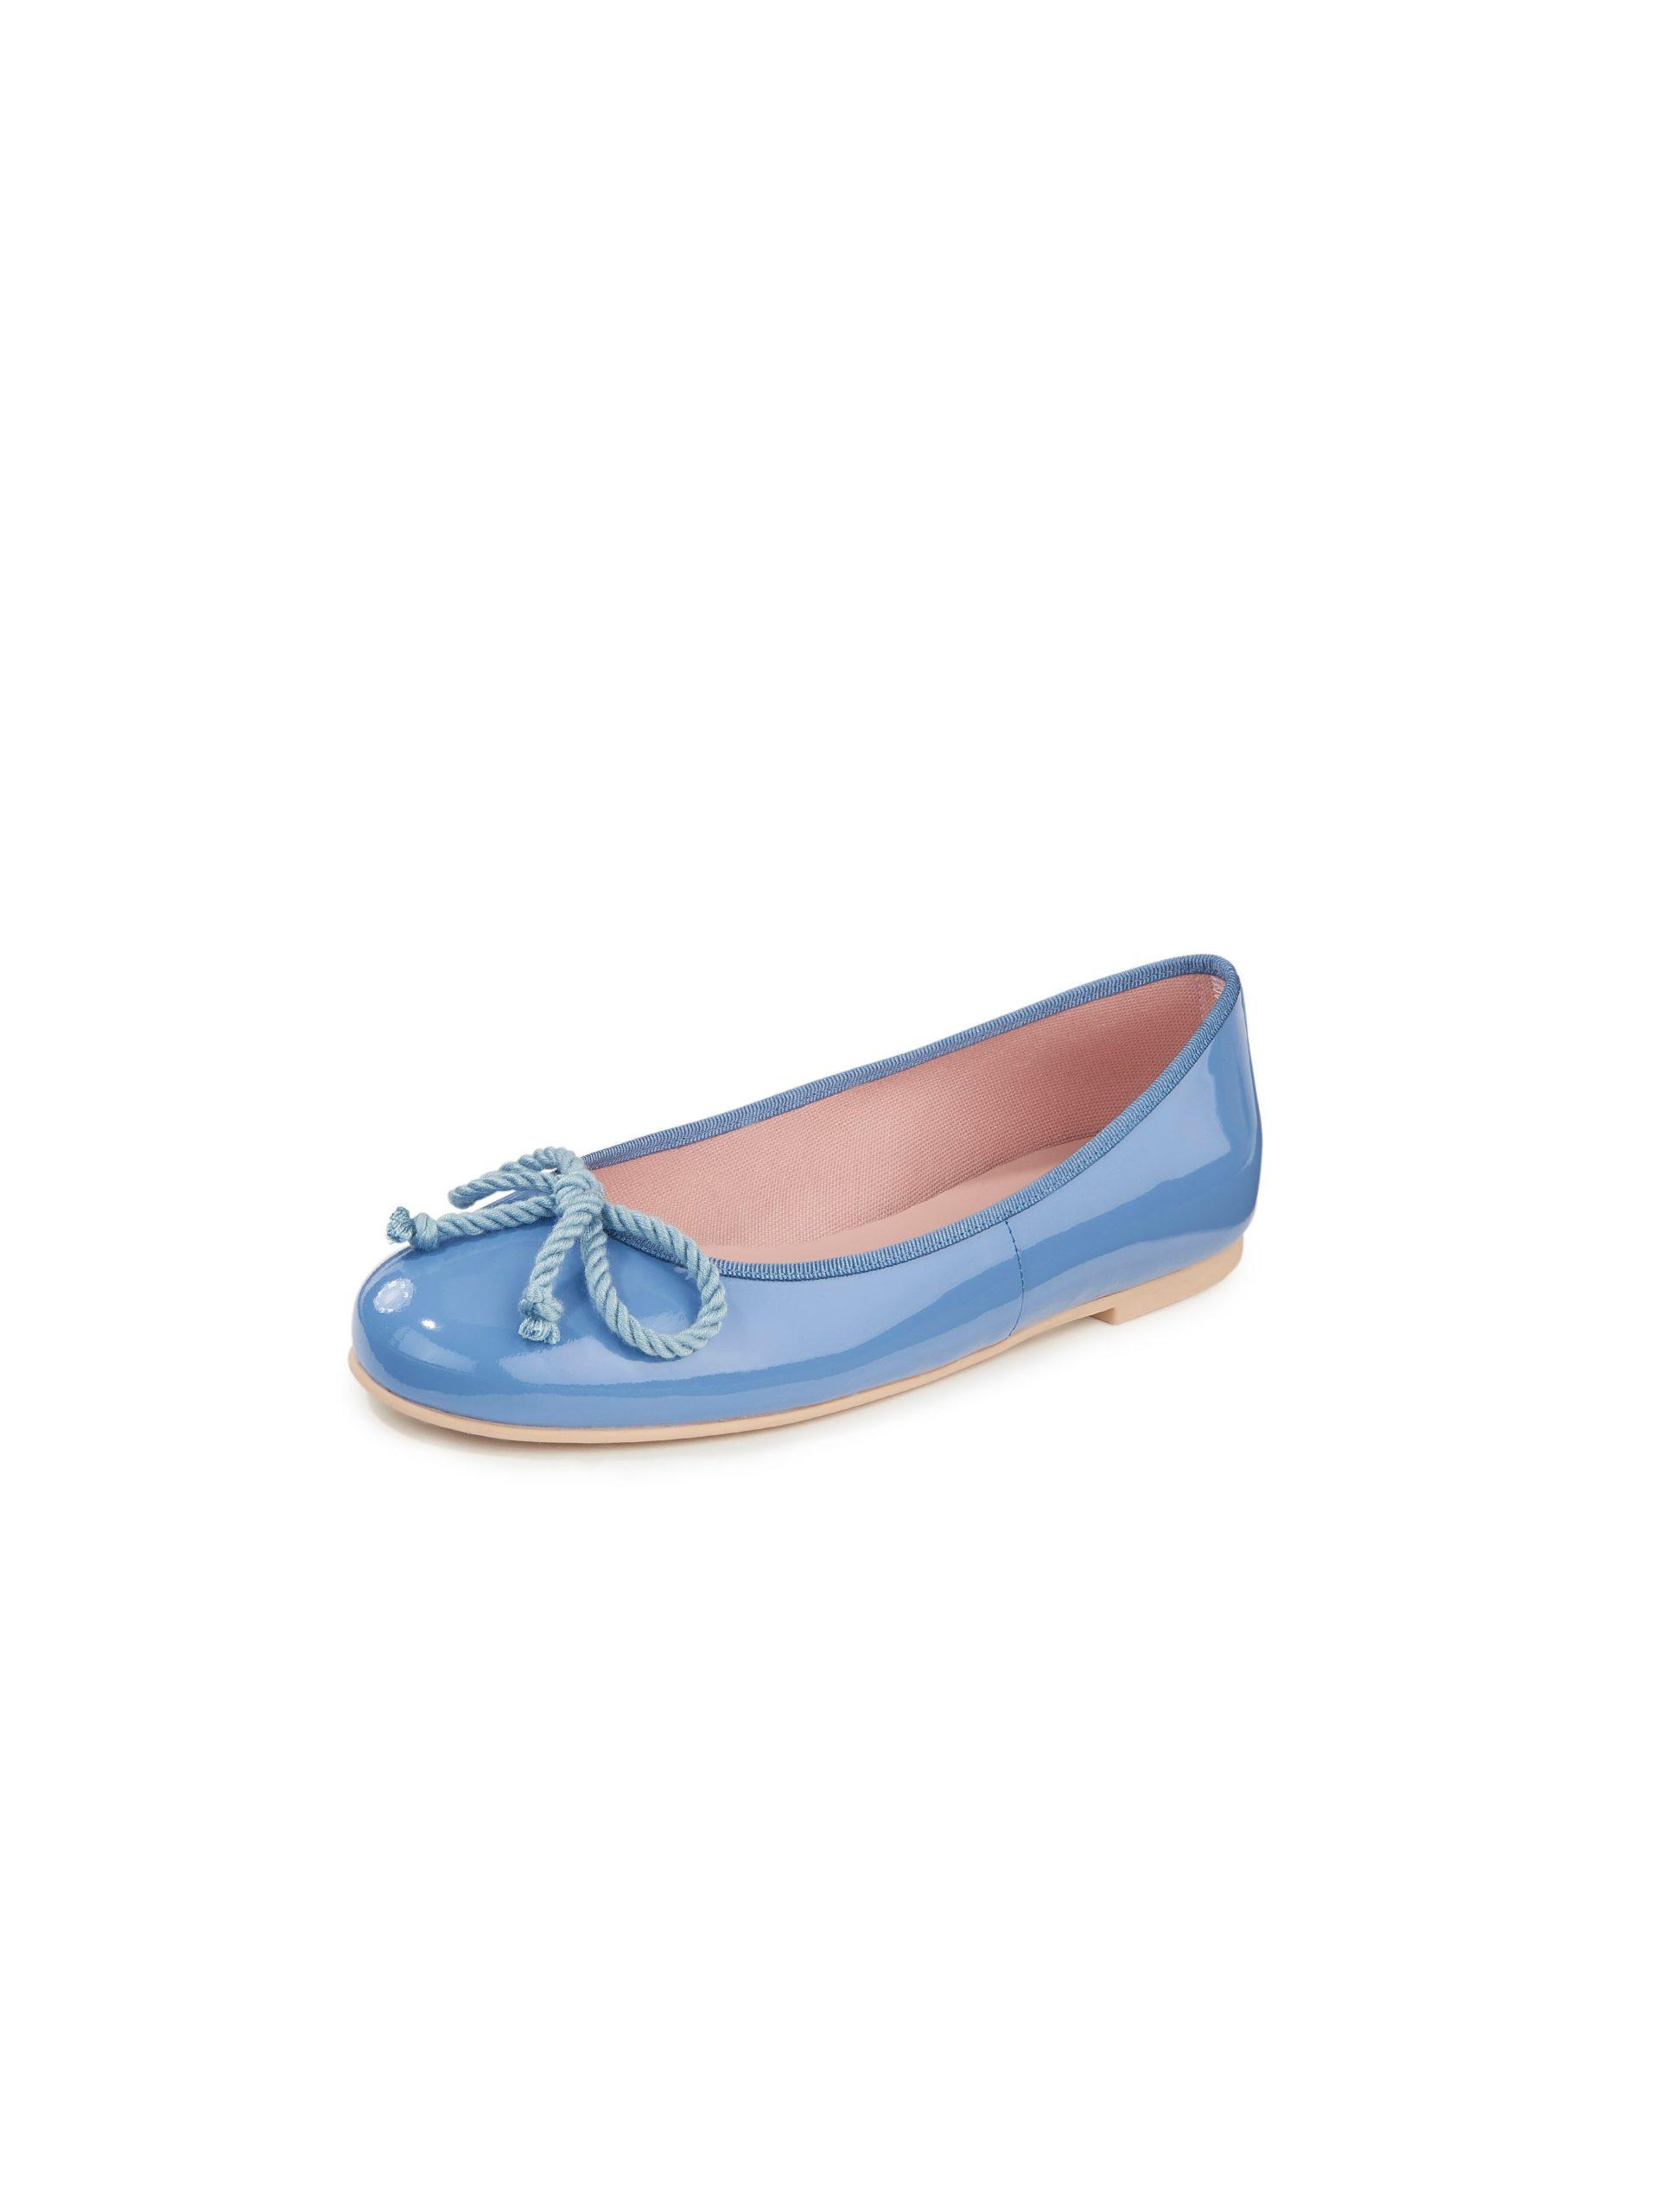 Ballerina's van kalfslakleer Van Pretty Ballerinas blauw Kopen